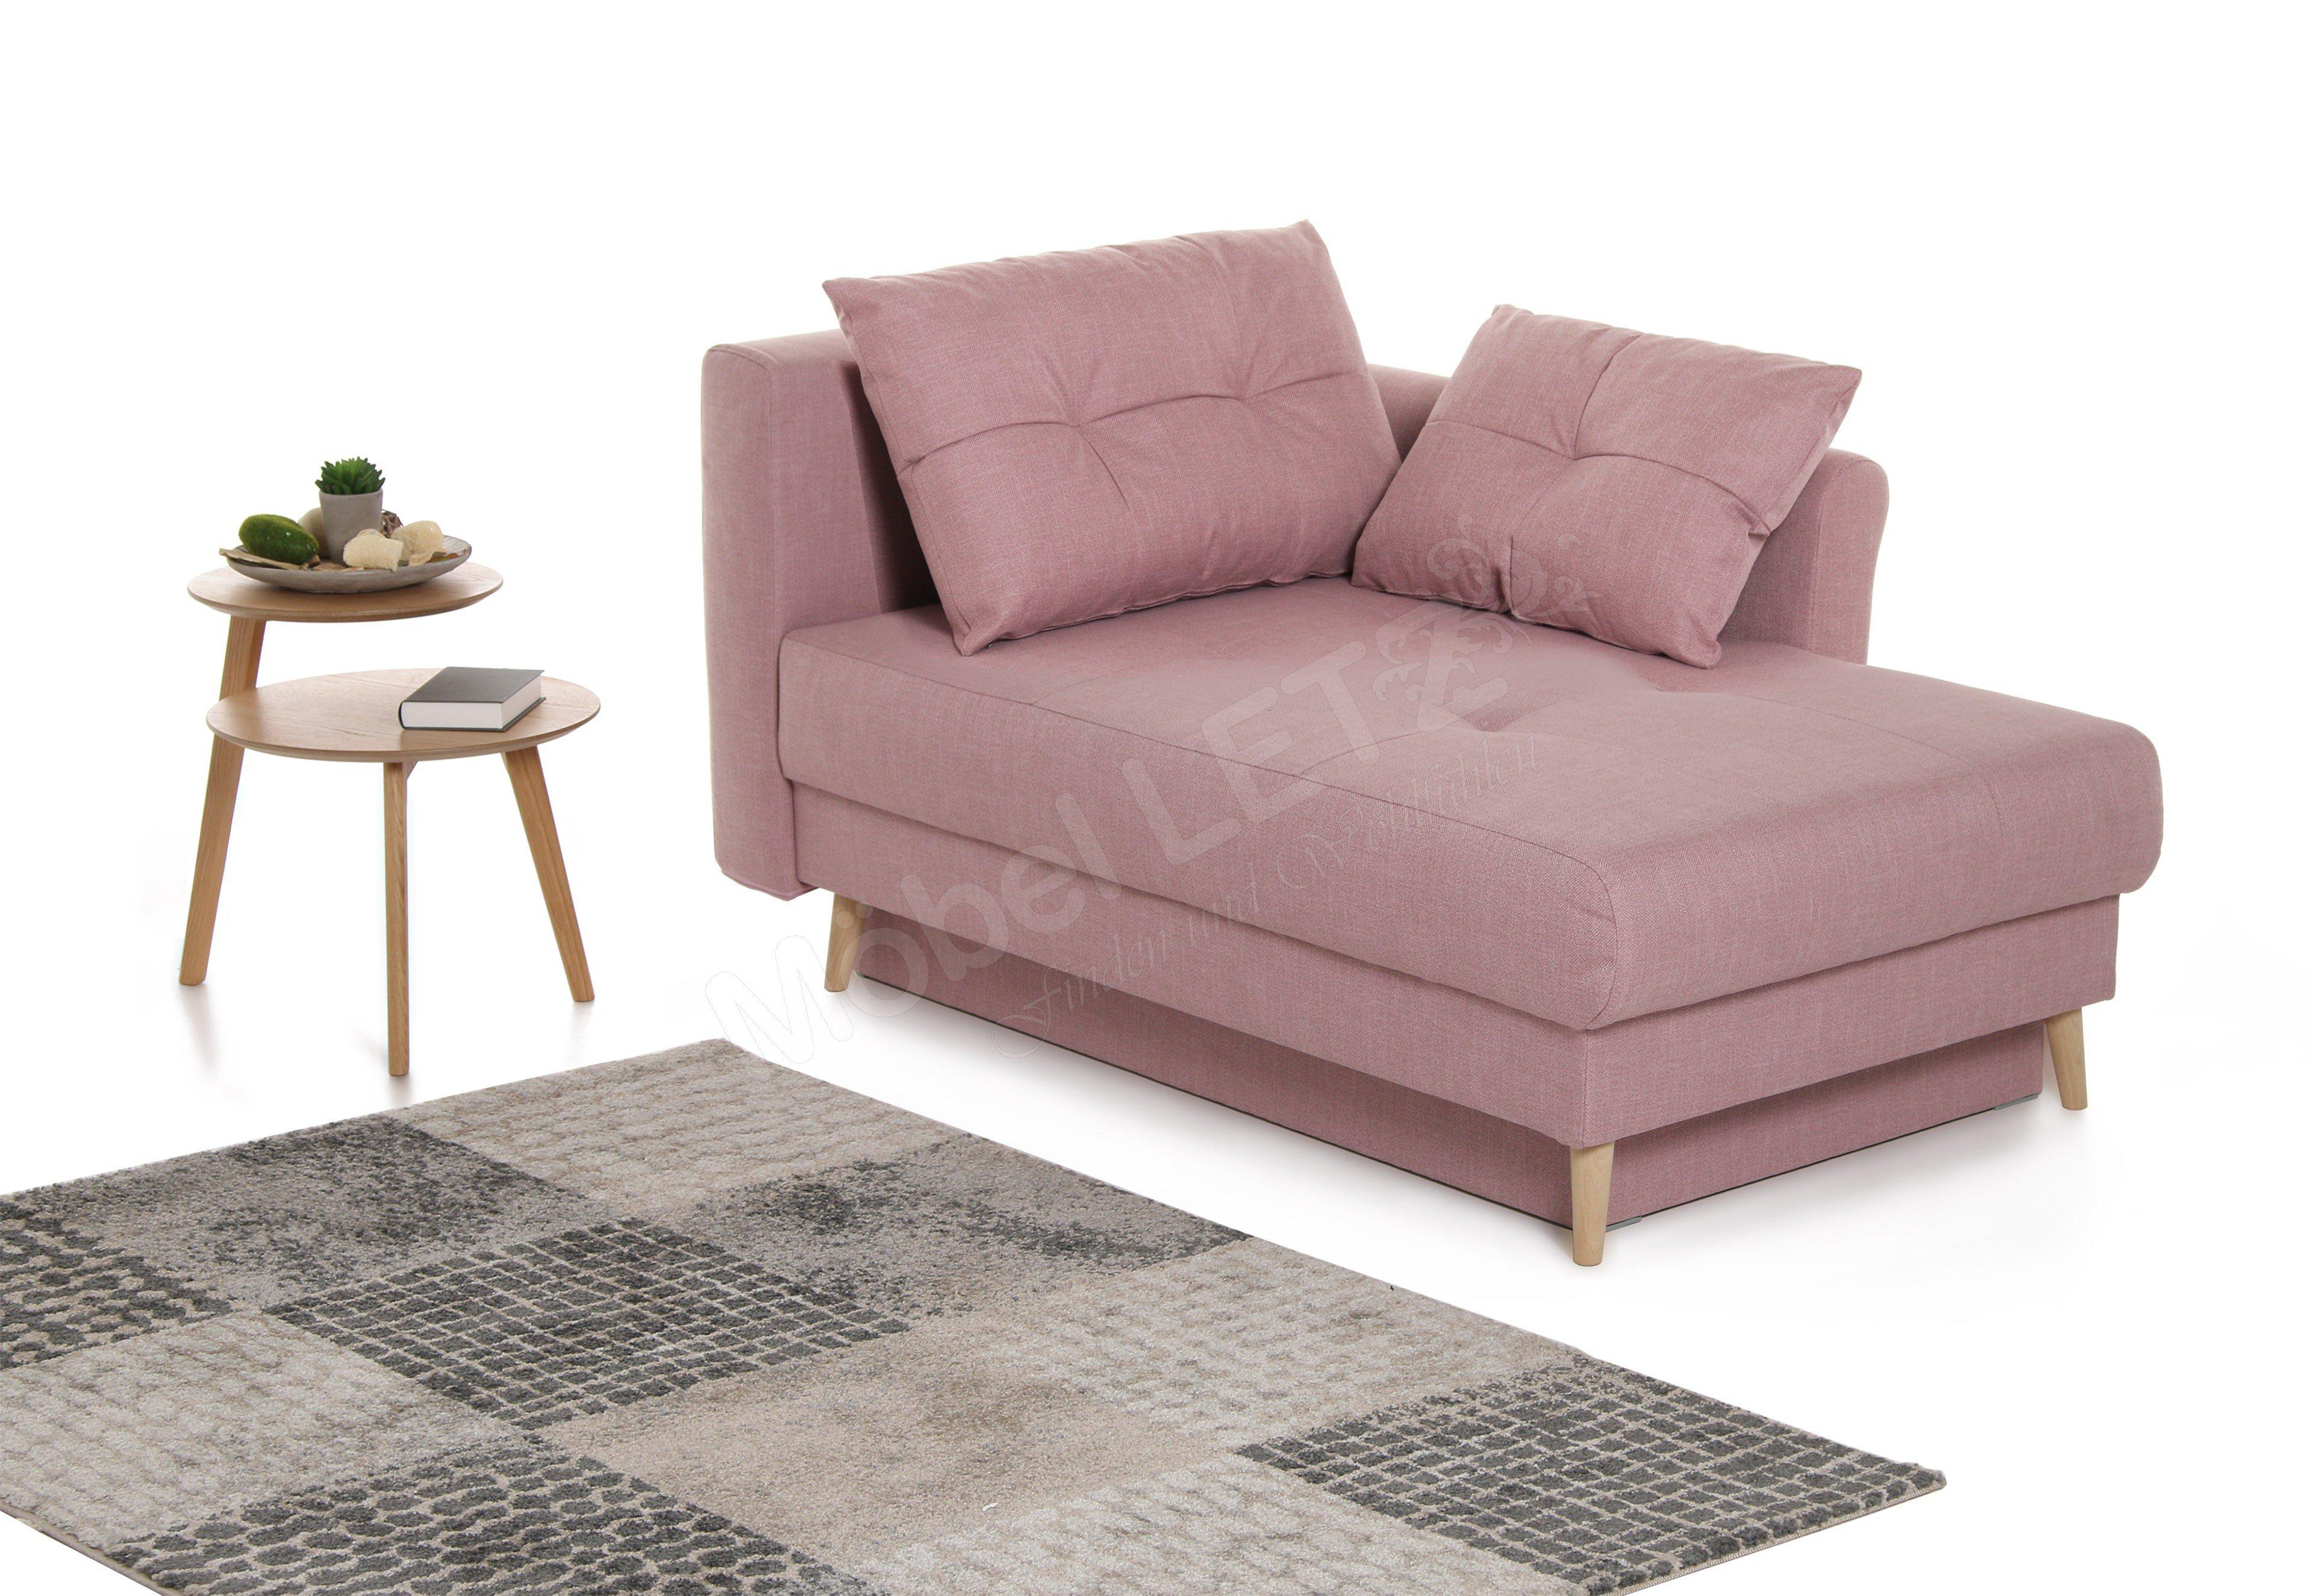 einzelliege della von restyl in altrosa mit bettkasten m bel letz ihr online shop. Black Bedroom Furniture Sets. Home Design Ideas